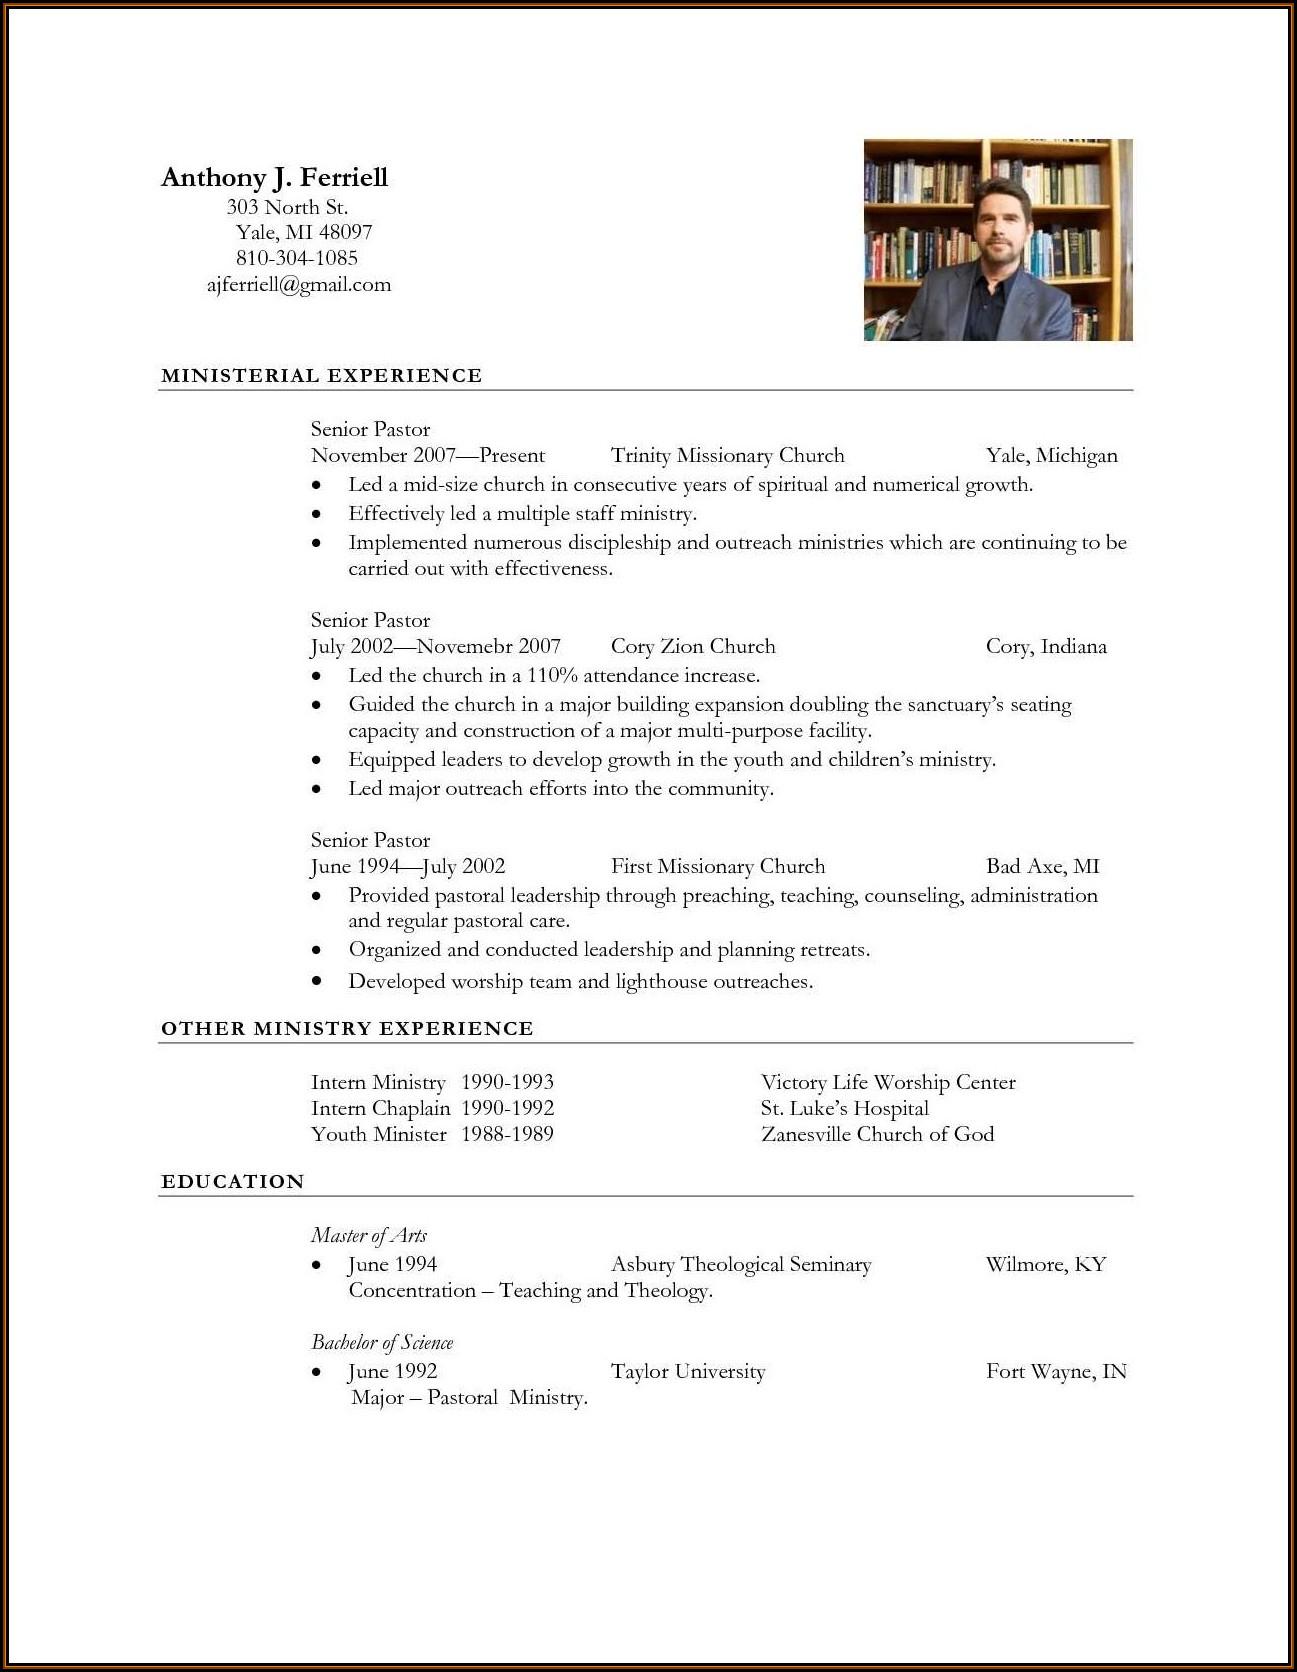 Free Resume Builder Sites Quora